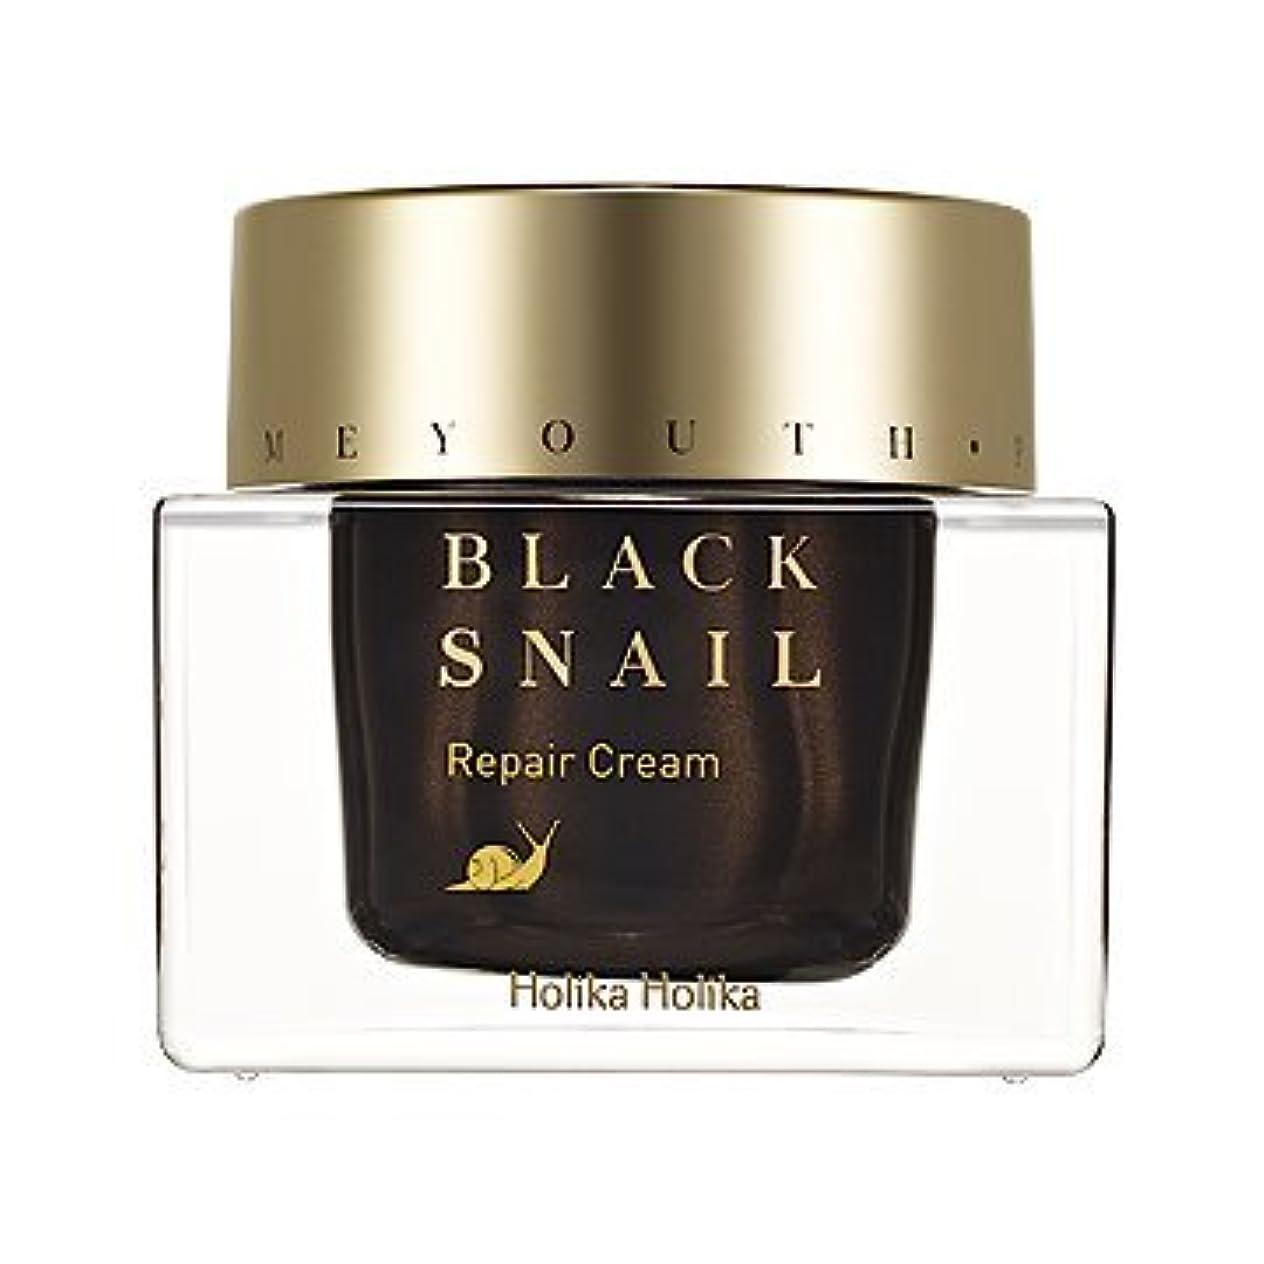 頑固な不安定な管理HolikaHolika(ホリカホリカ) Prime Youth Black Snail Repair Cream プライムユースブラックスネイルクリーム カタツムリ エスカルゴ [並行輸入品]